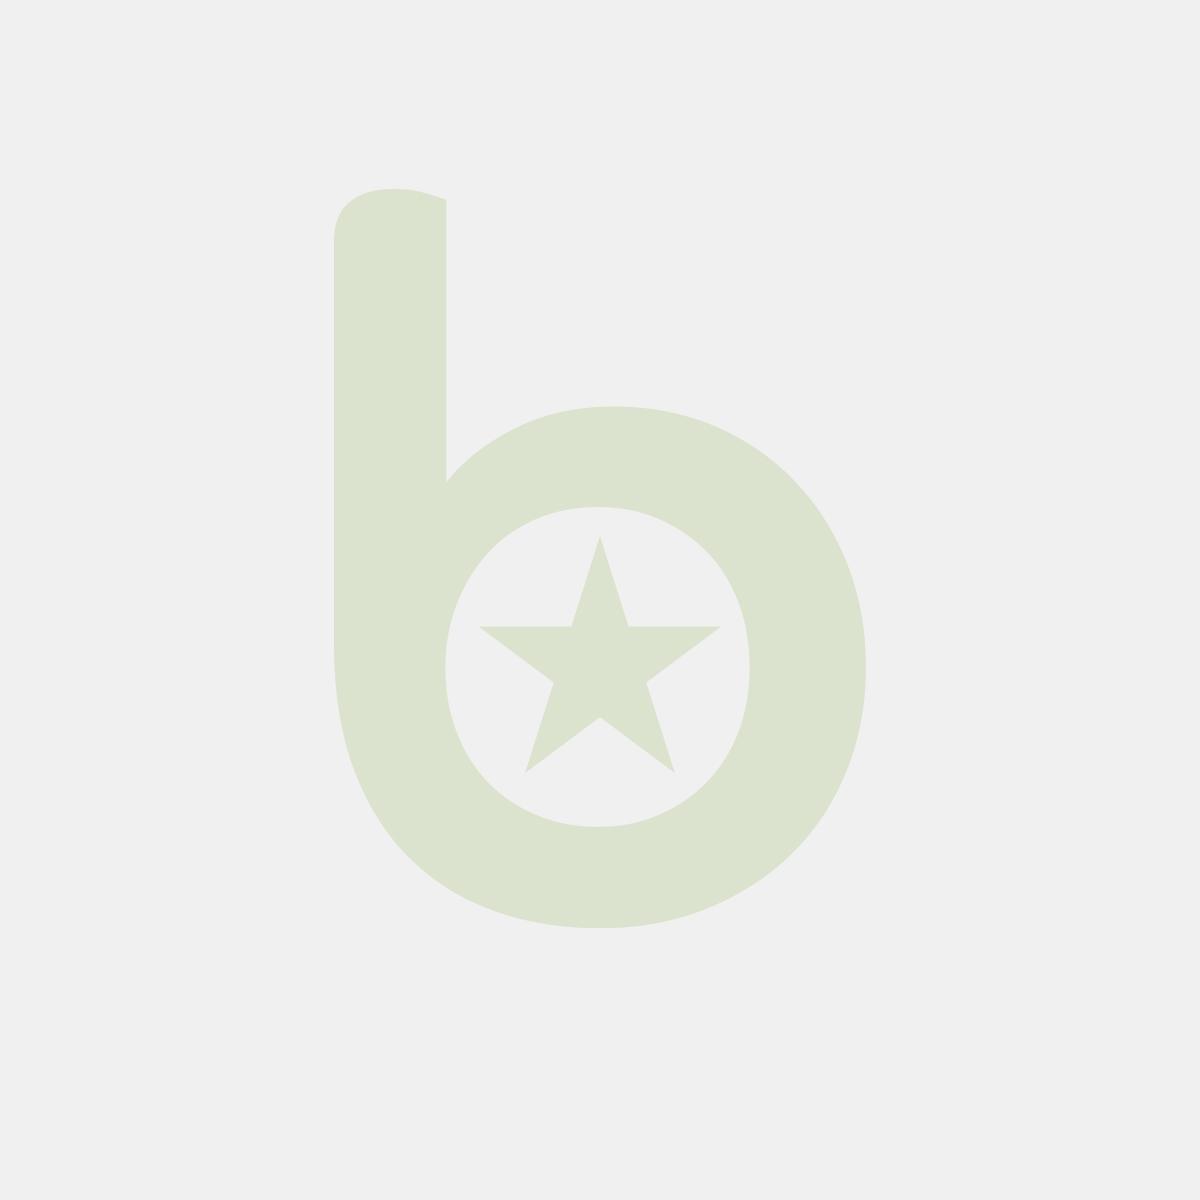 Łyżka BICOLOR niebieska 18,00cm, 4,00g op. 20 sztuk